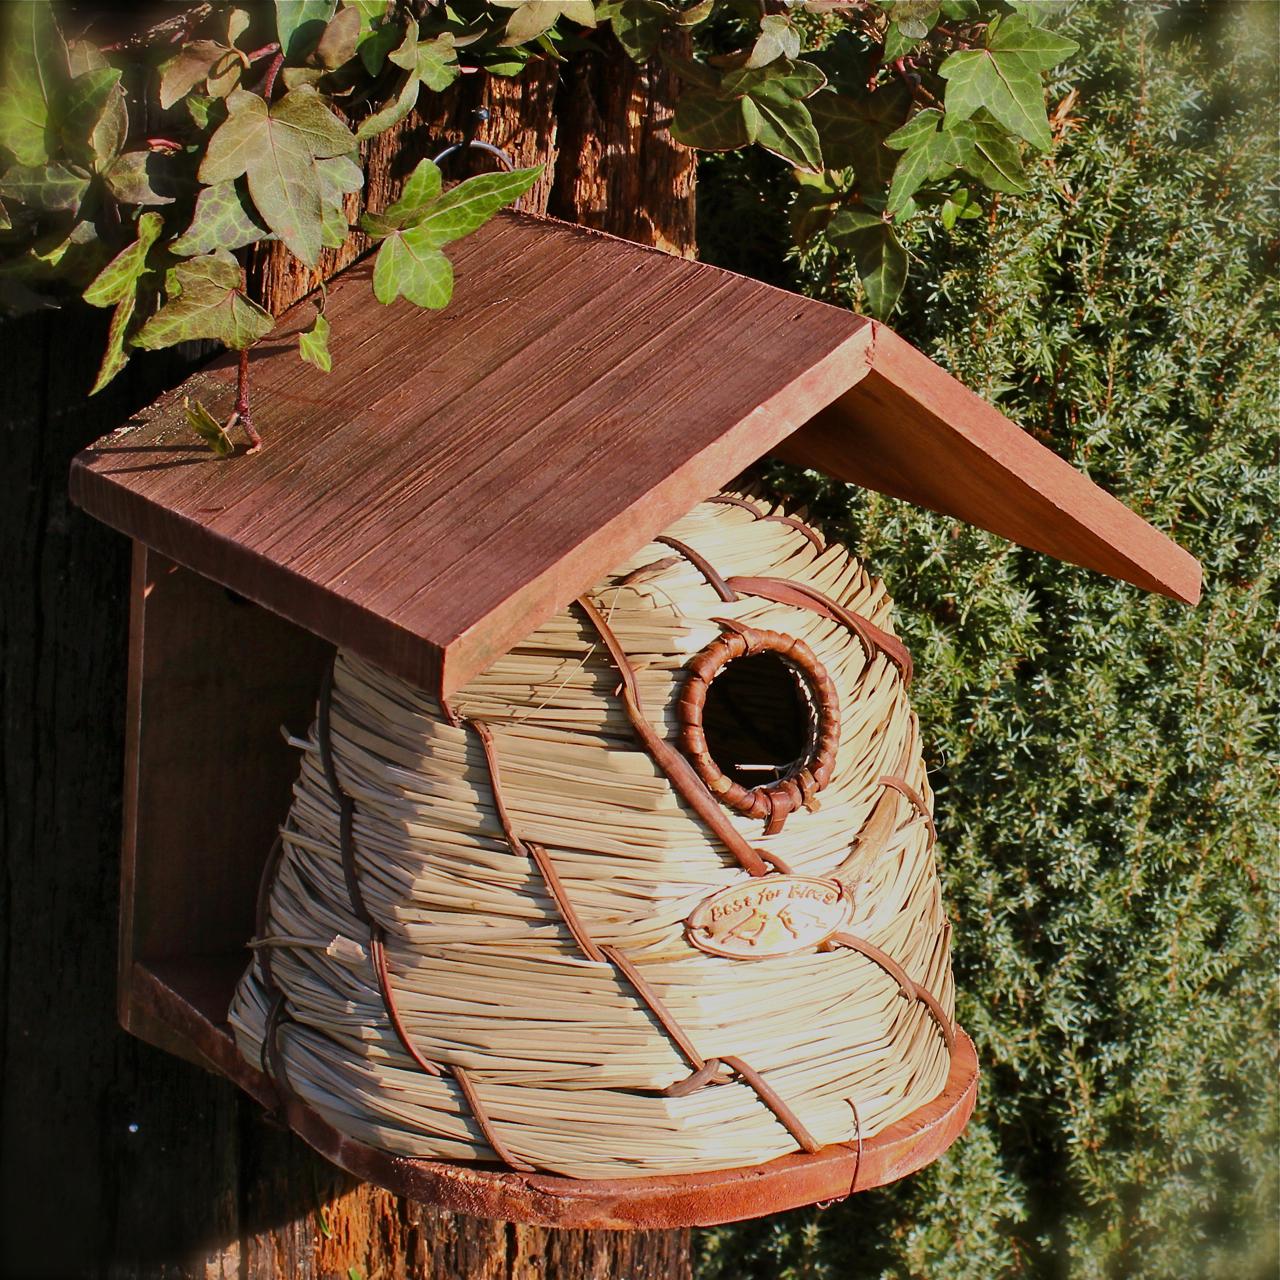 nistkasten bienenkorb nisth hle vogelhaus vogelh uschen. Black Bedroom Furniture Sets. Home Design Ideas